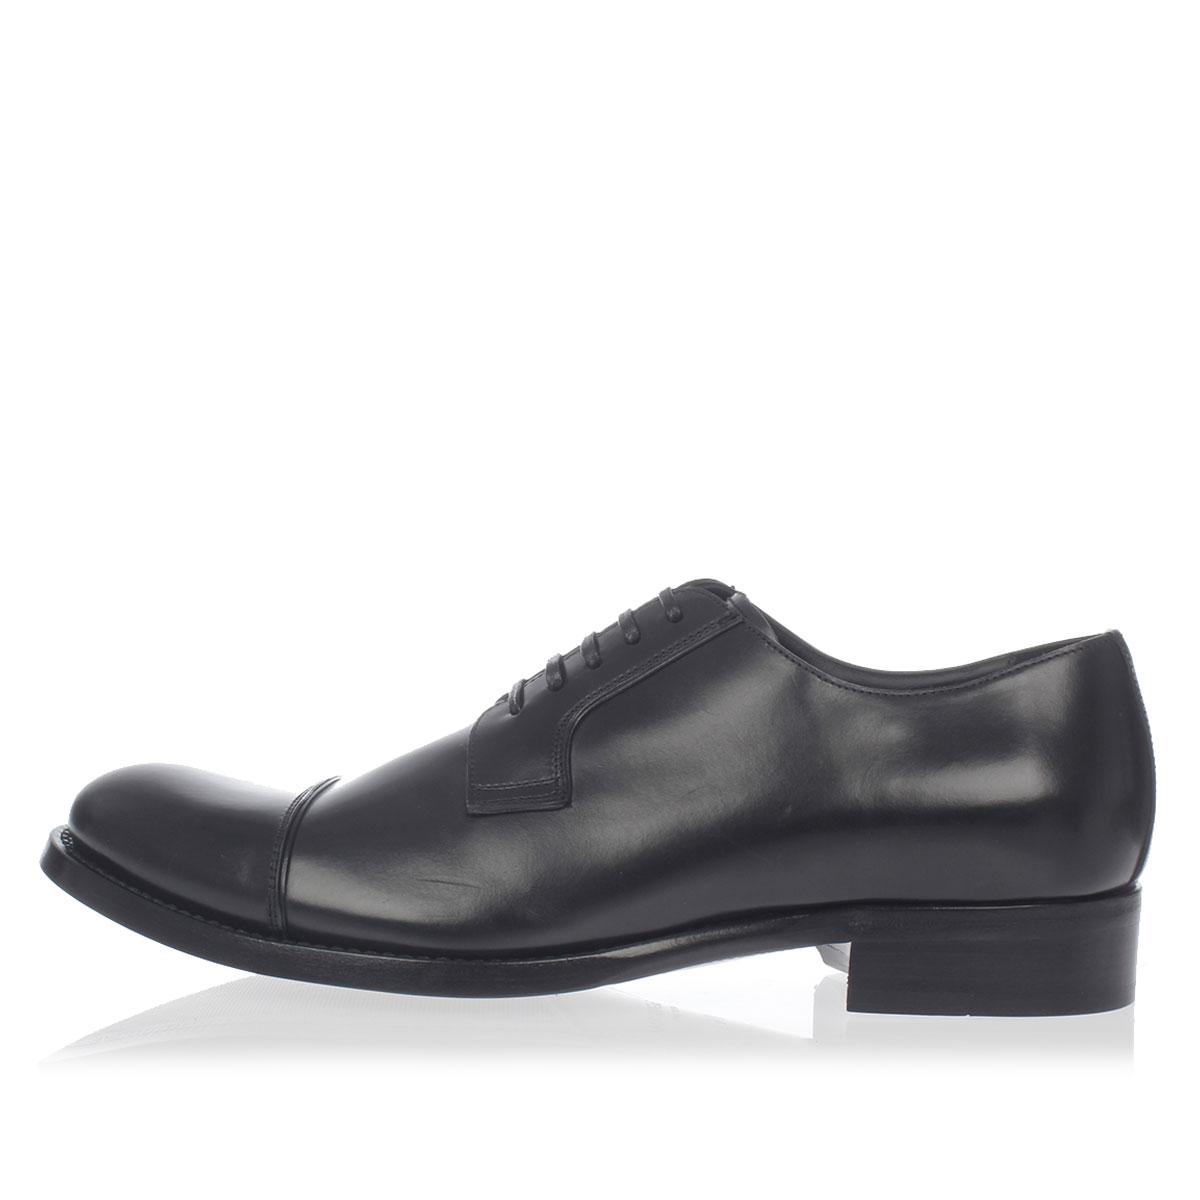 79380ec14d29 Dolce   Gabbana Men Brushed Leather Oxford Shoes - Glamood Outlet